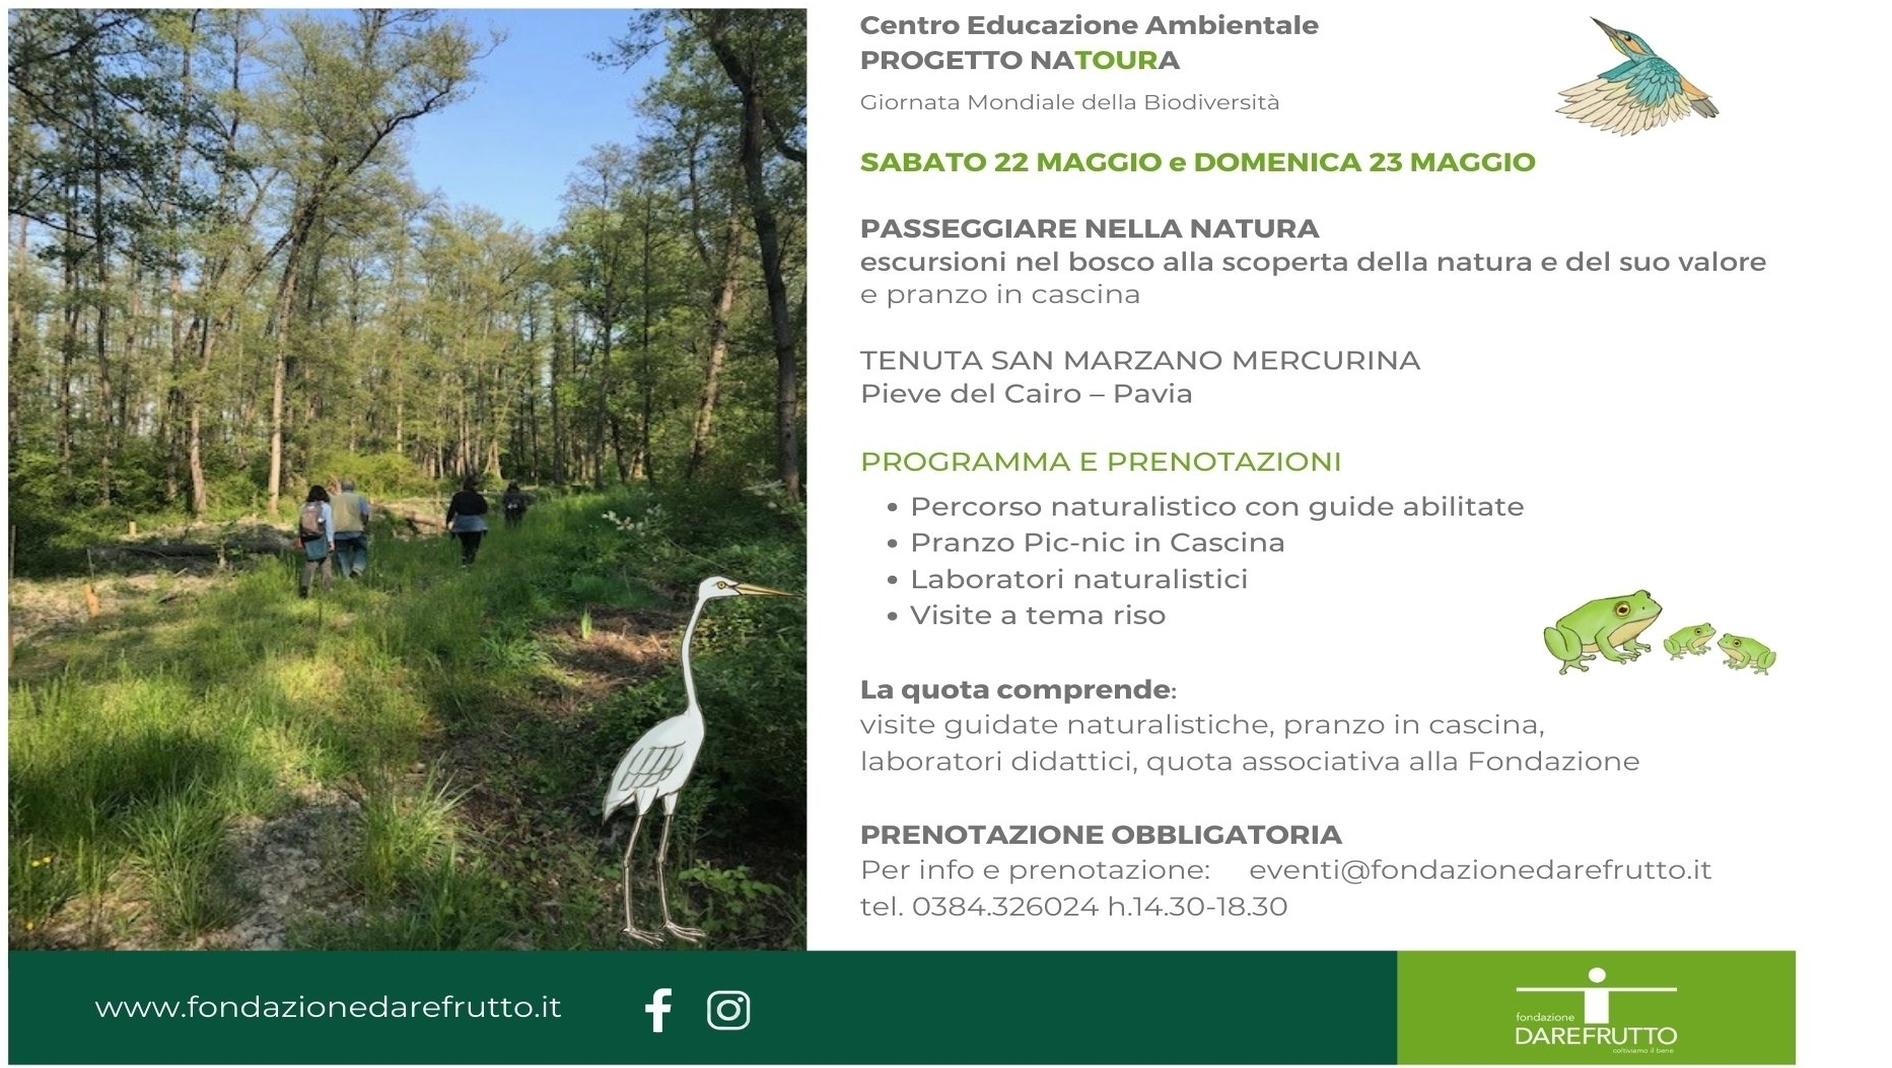 Il 22 e 23 maggio, Passeggiare nella Natura